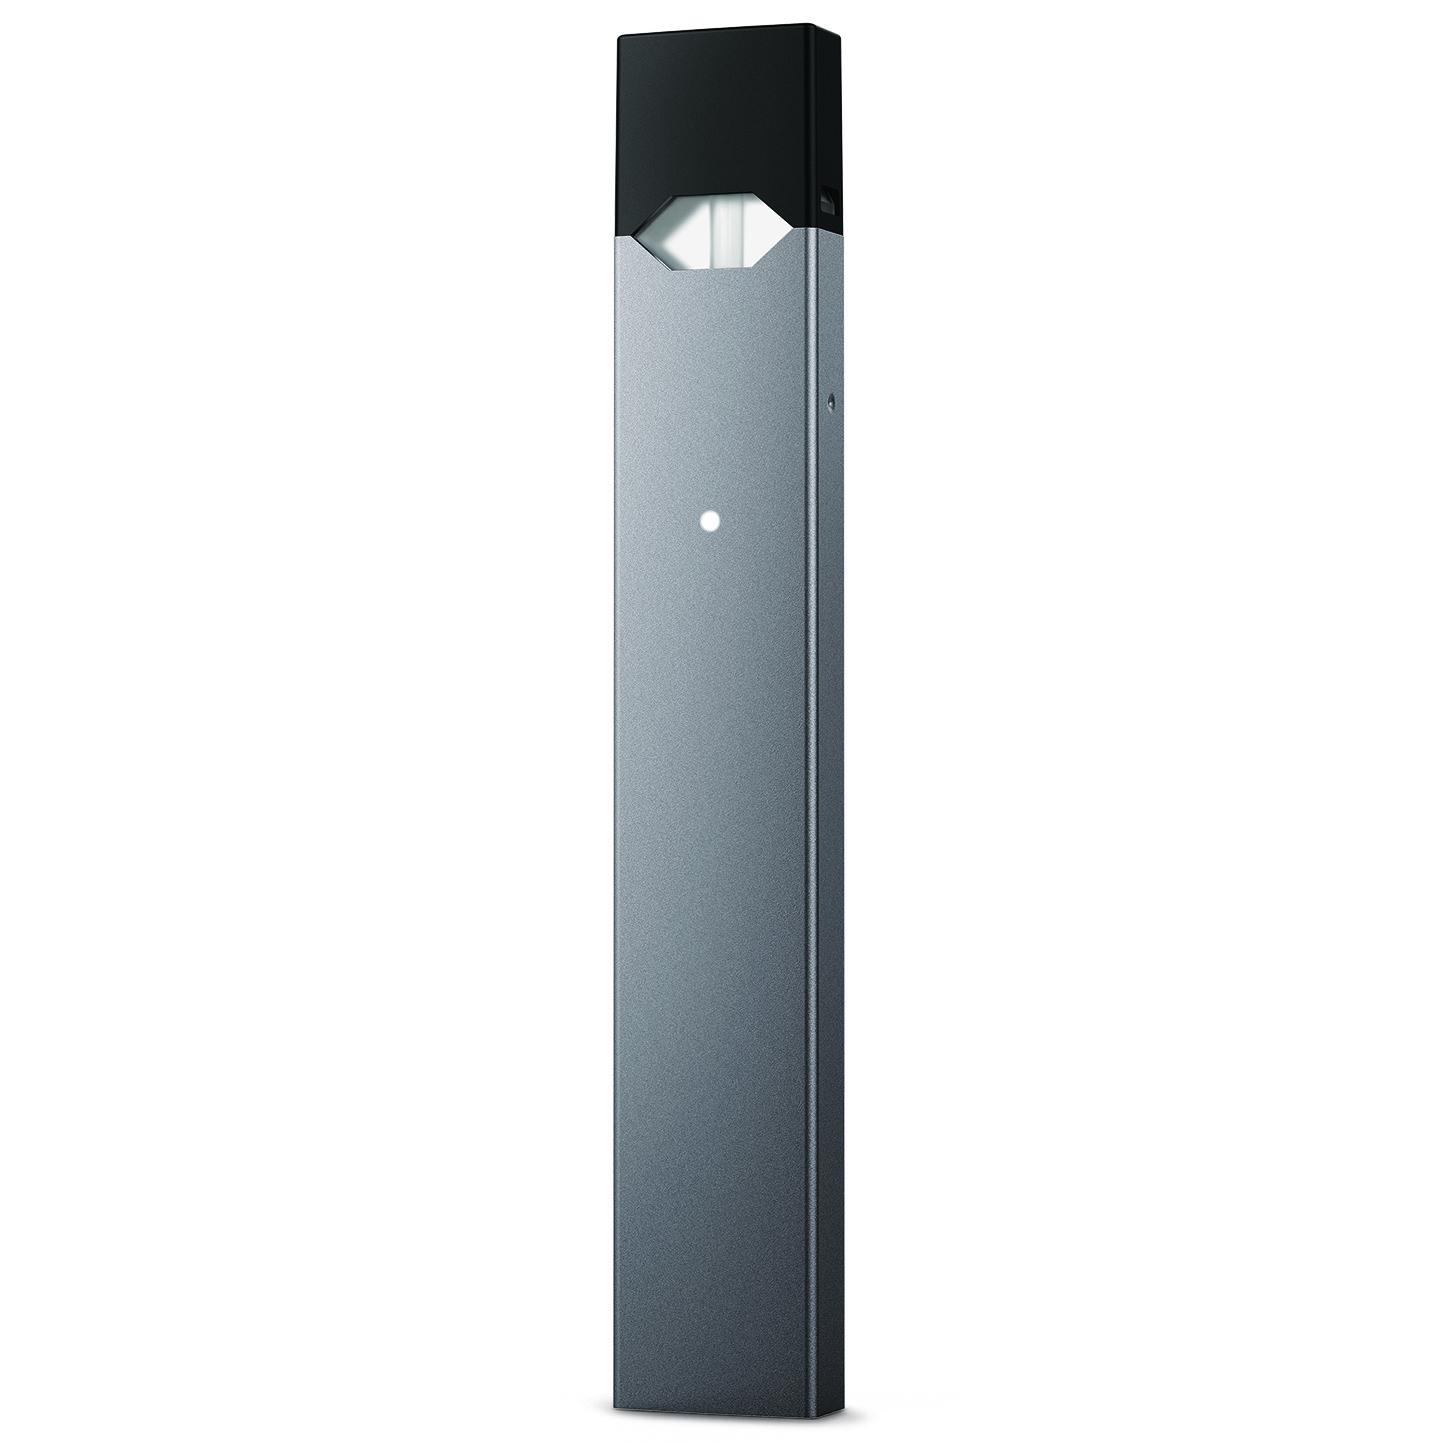 Джул электронная сигарета купить дешево купить электронную сигарету в москве с зарядкой